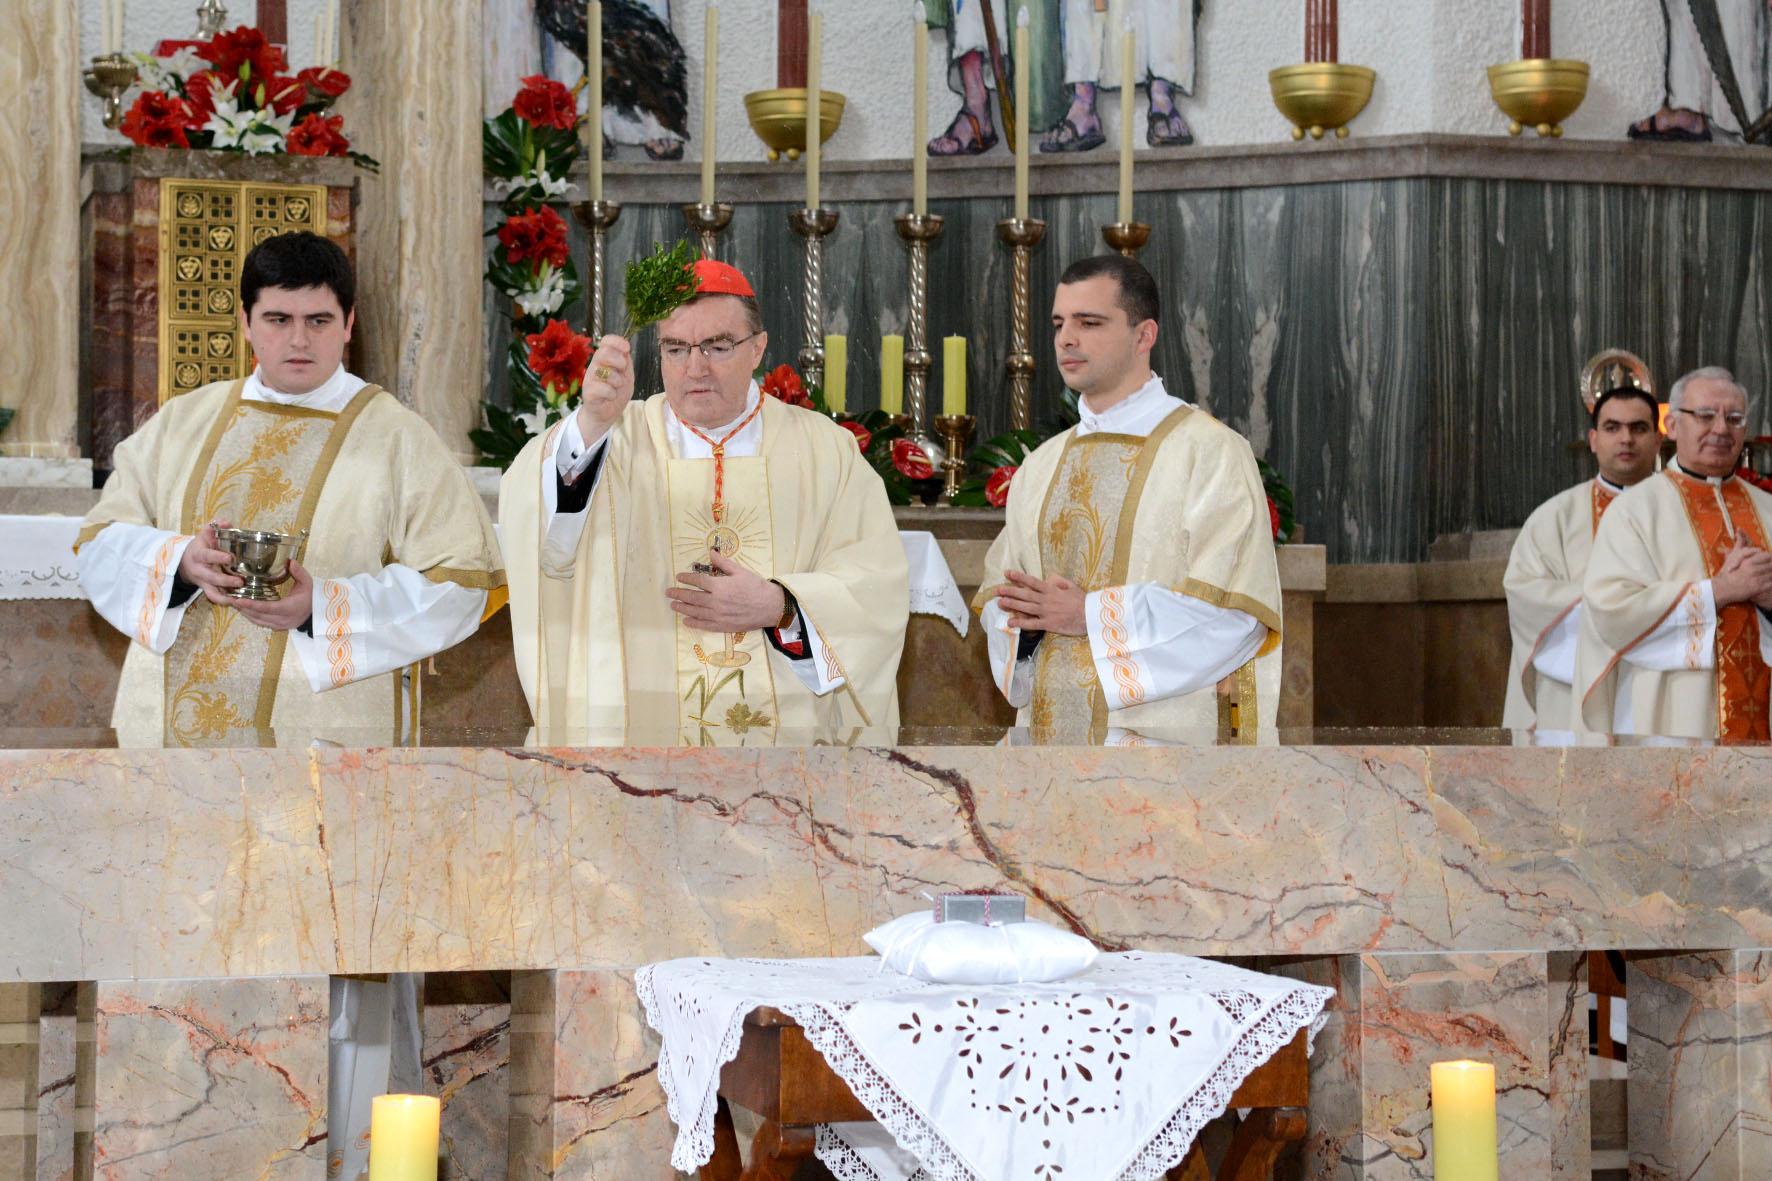 Posveta oltara u župi sv. Blaža 1. veljače 2015.